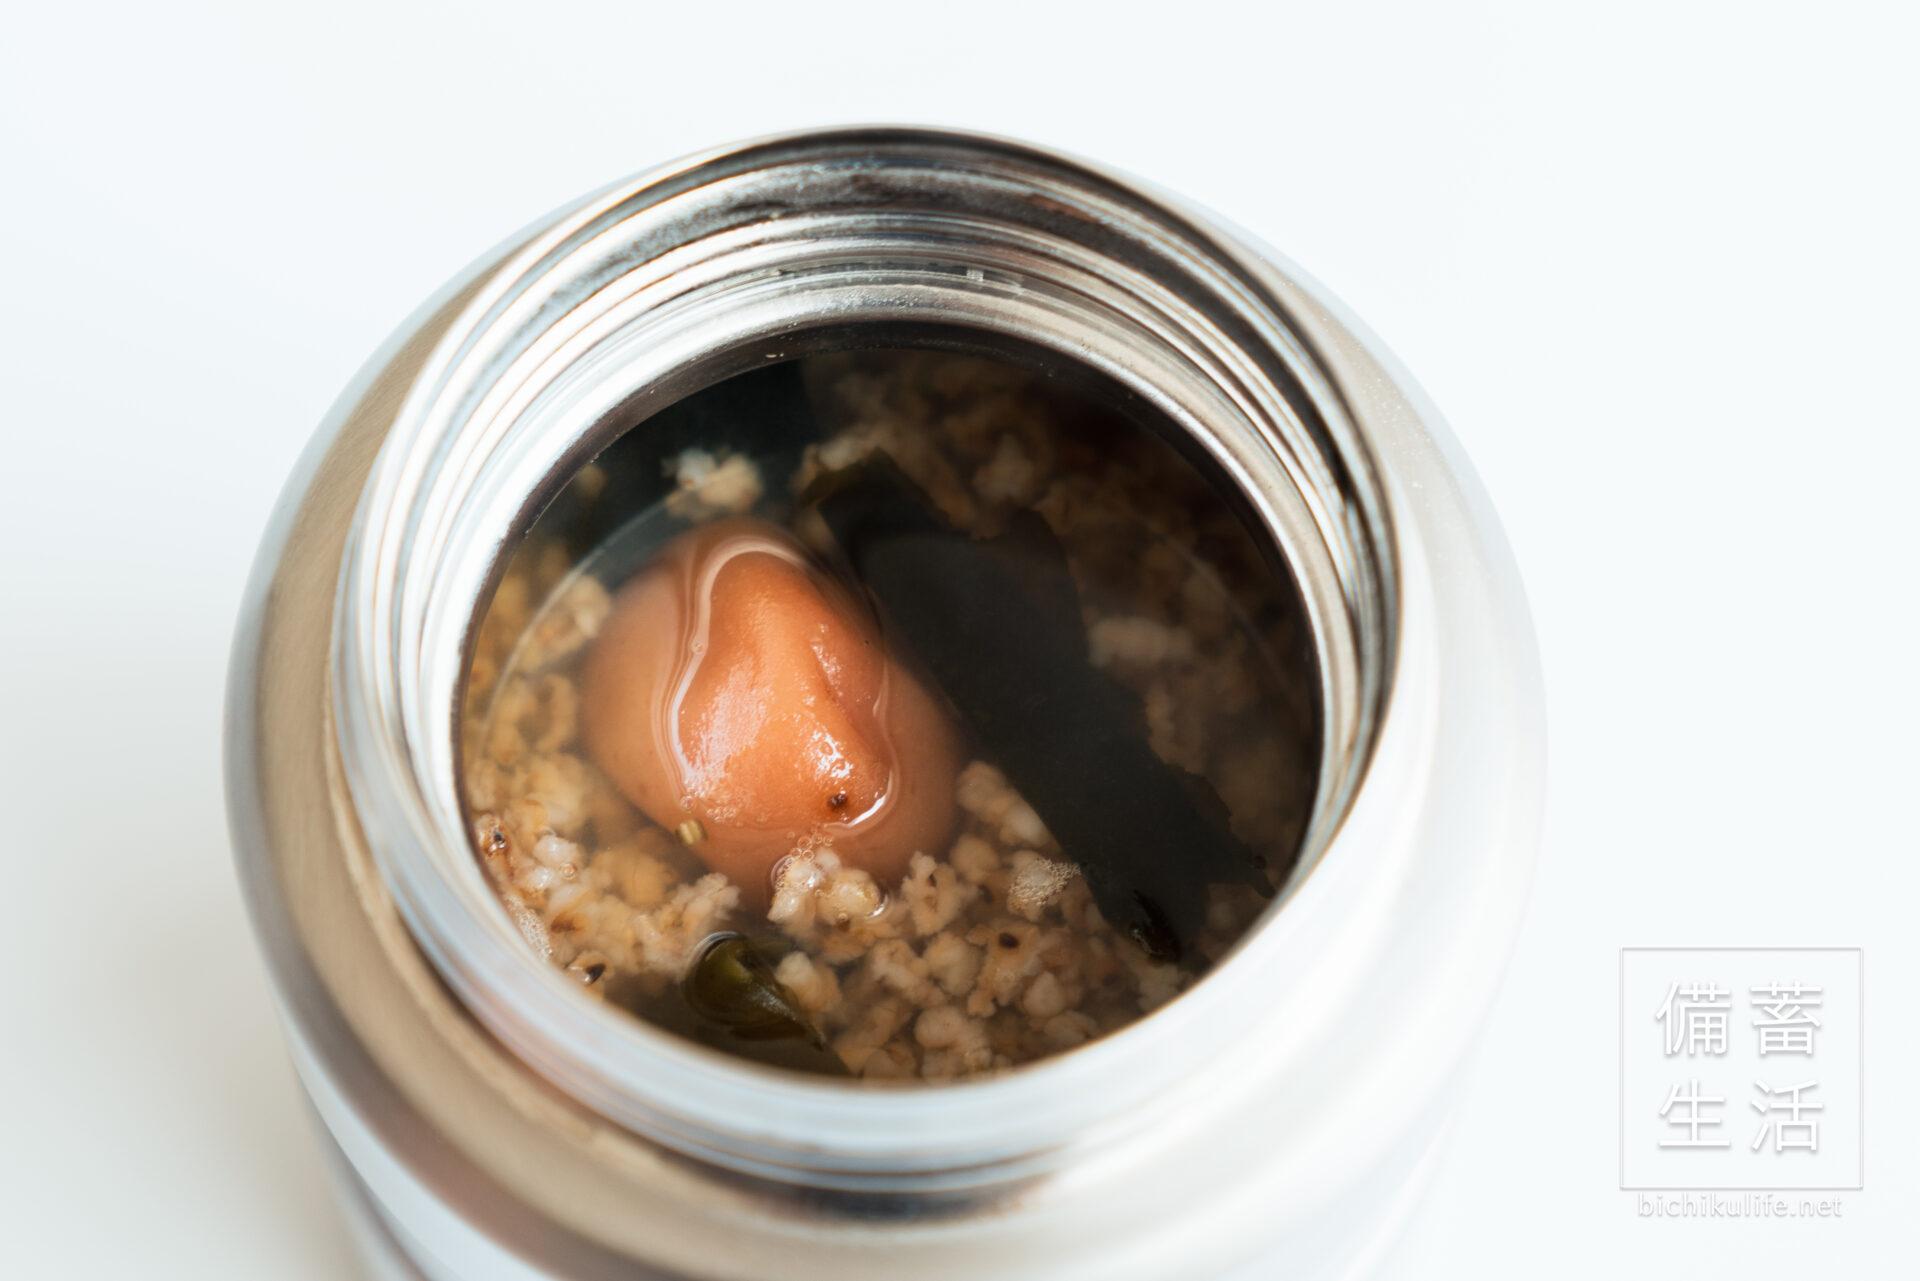 梅こんぶ炒り玄米スープご飯のレシピ